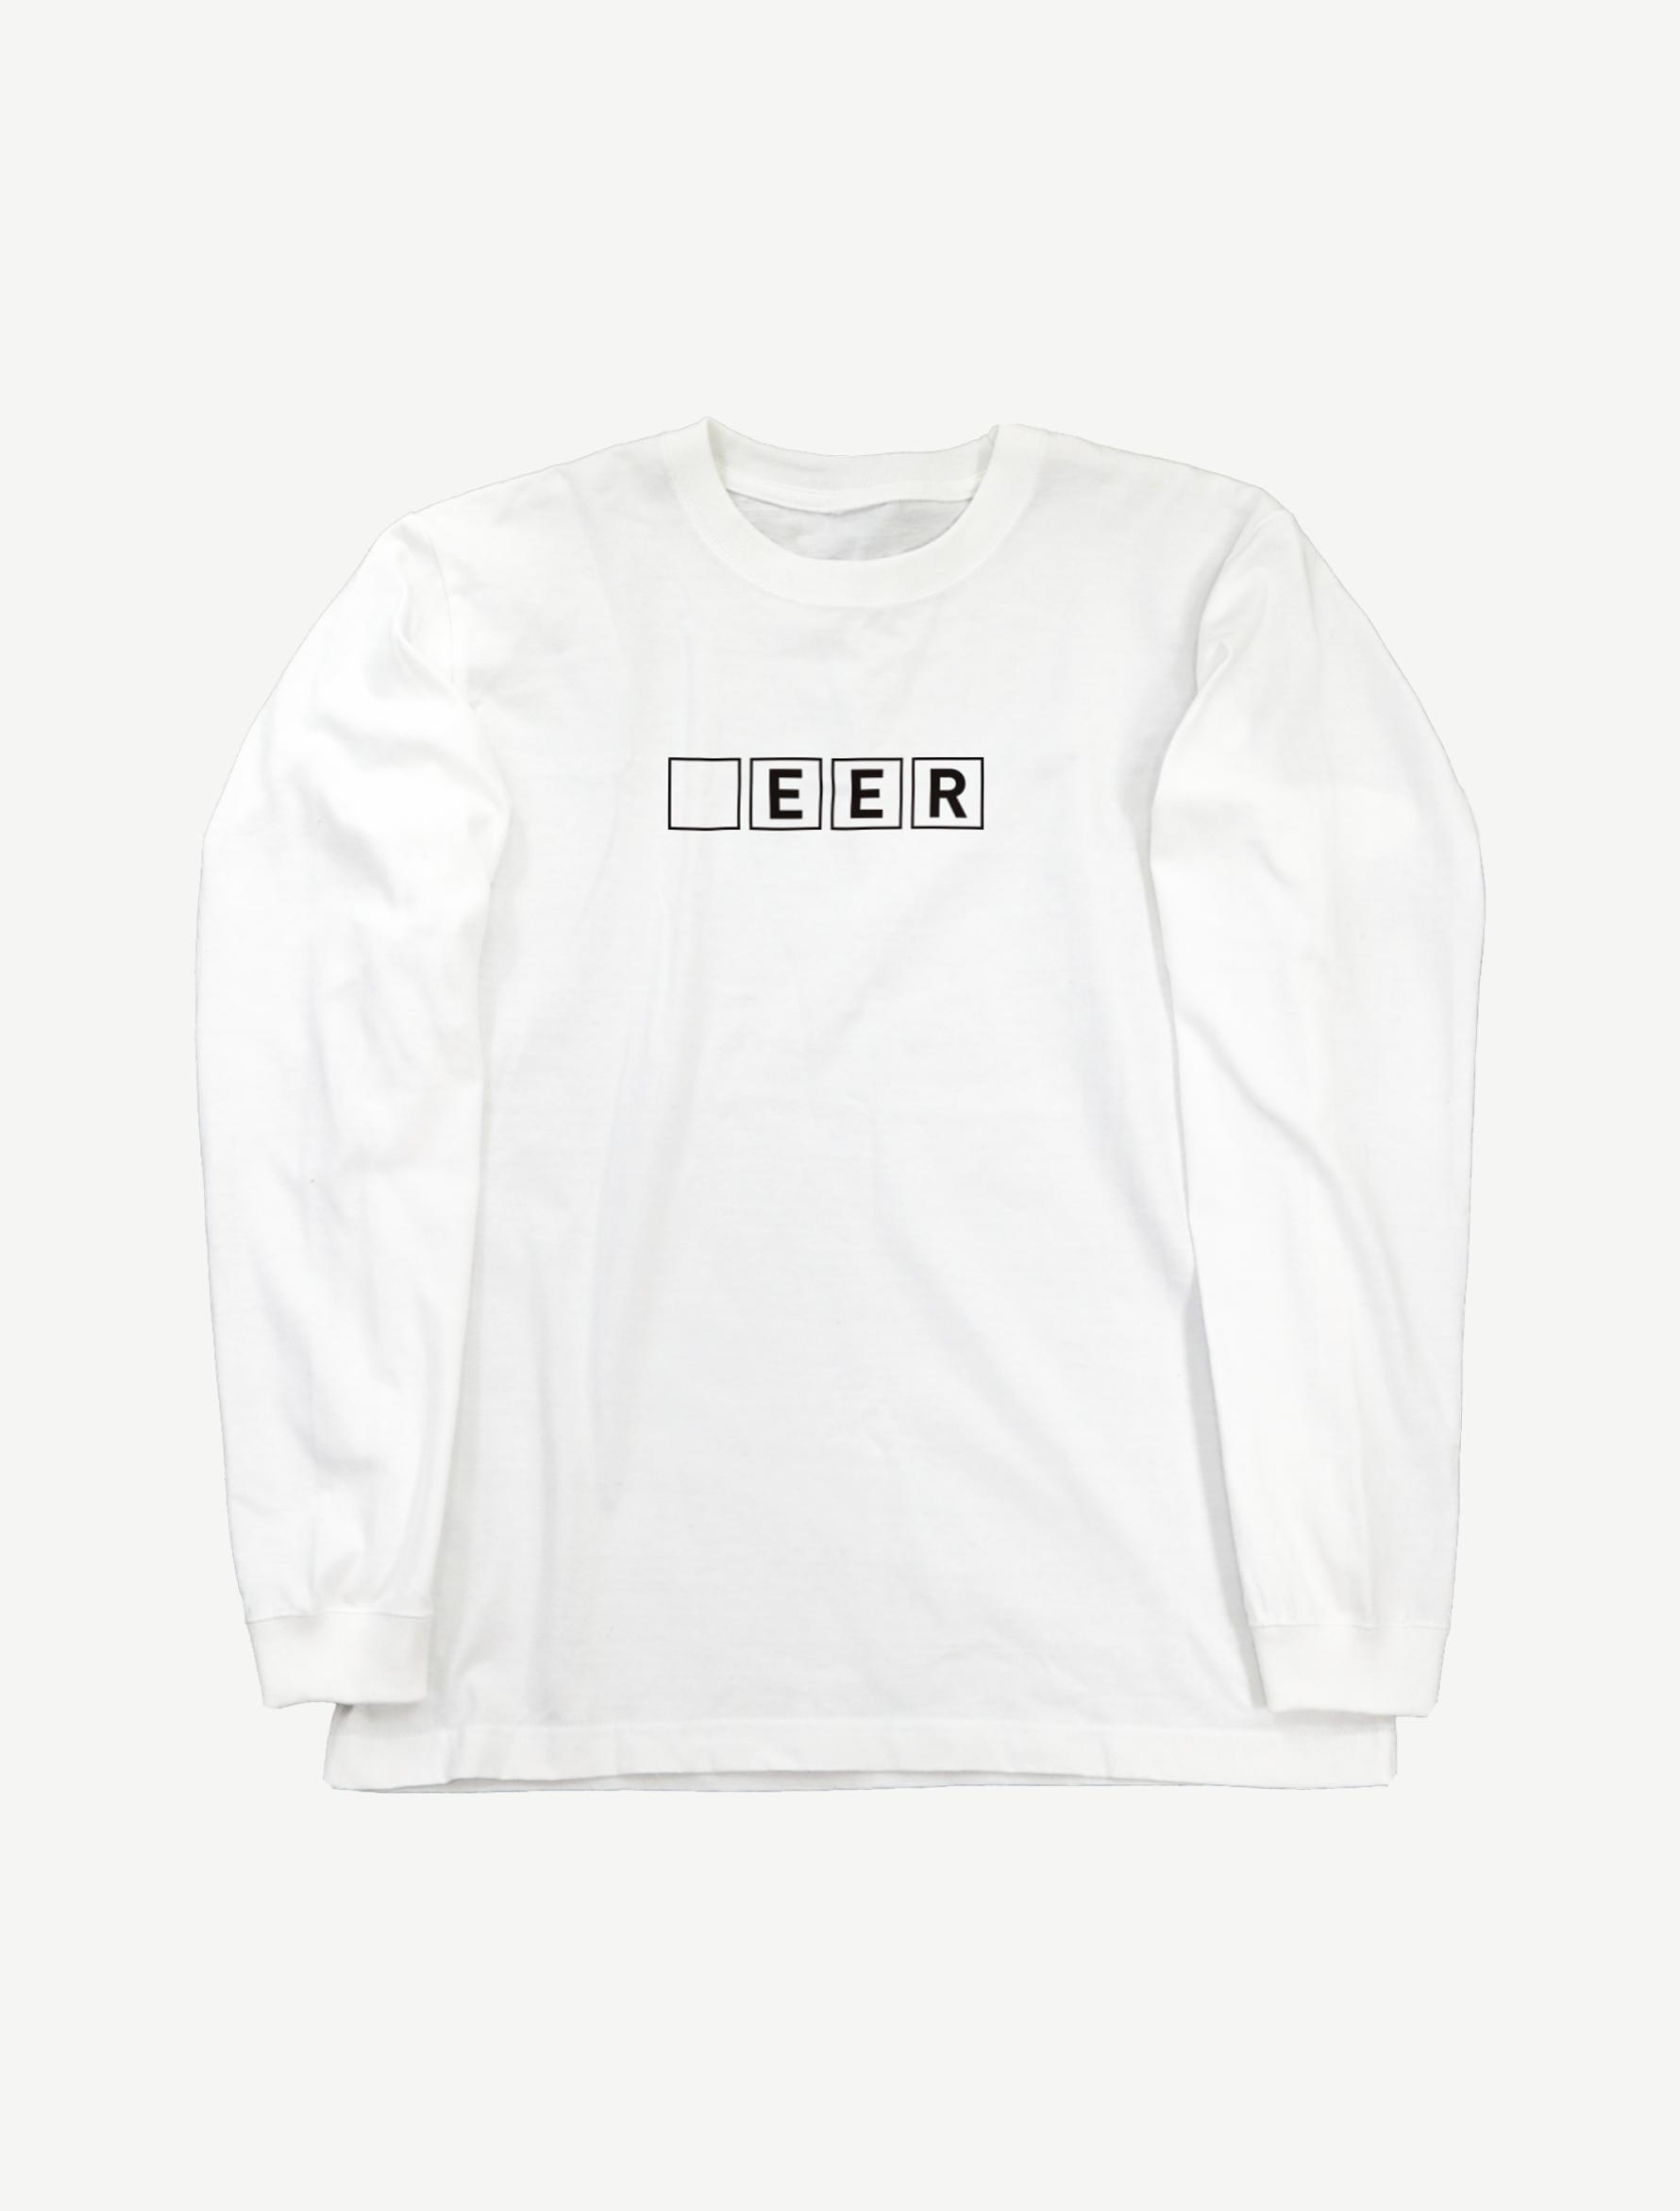 【□EER】ロングスリーブTシャツ(ホワイト)